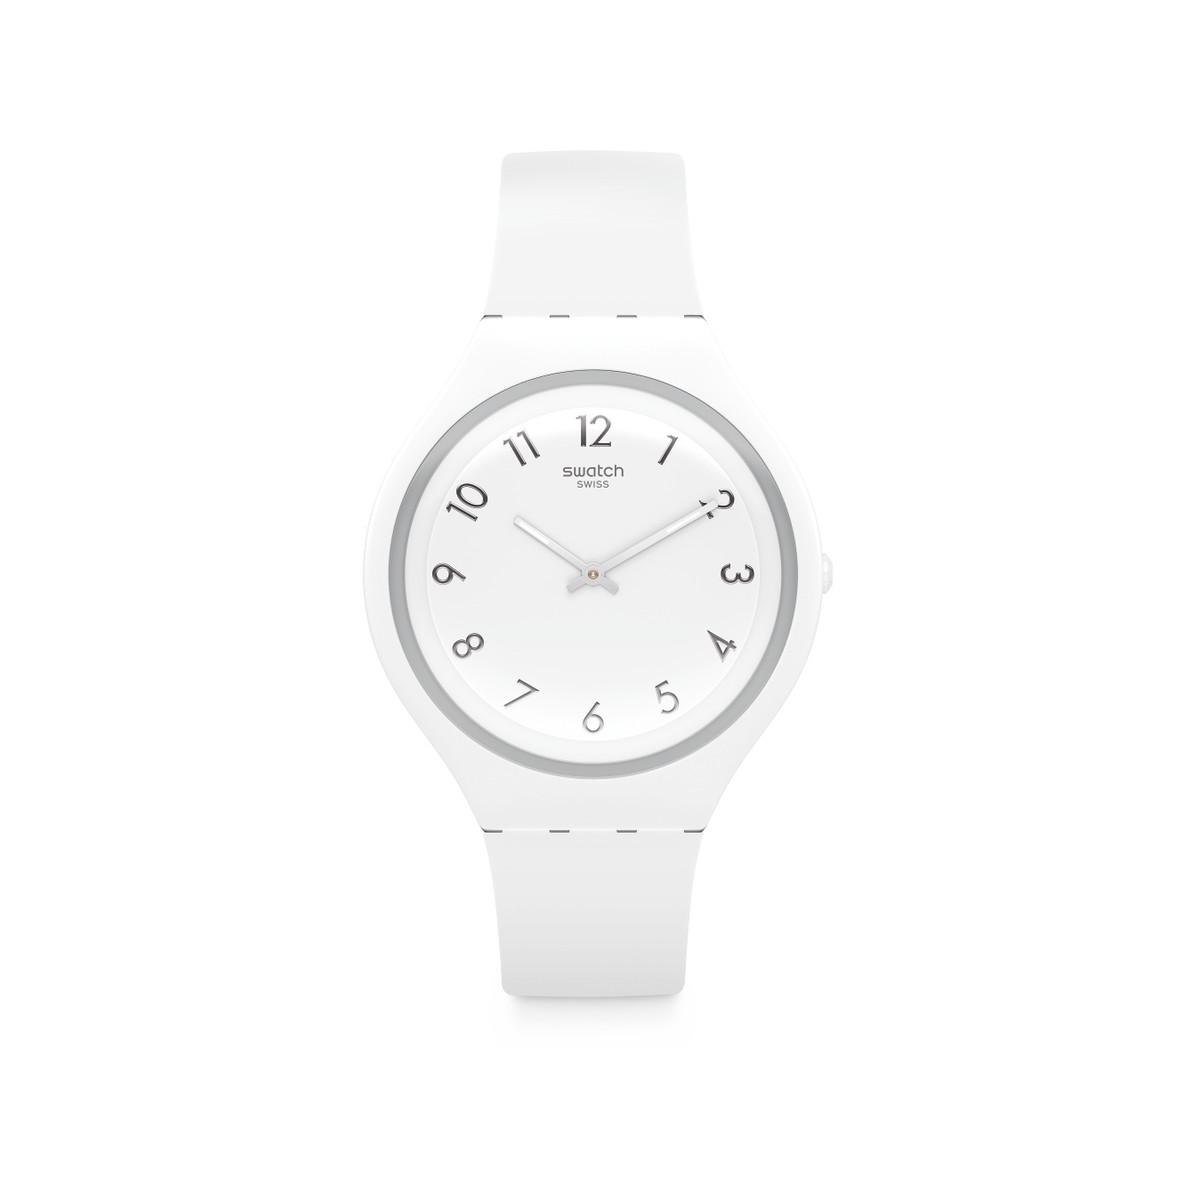 Silicone Plastique Qlmgszpuv Swatch Blanc Modèle Homme Montre Rj5L4A